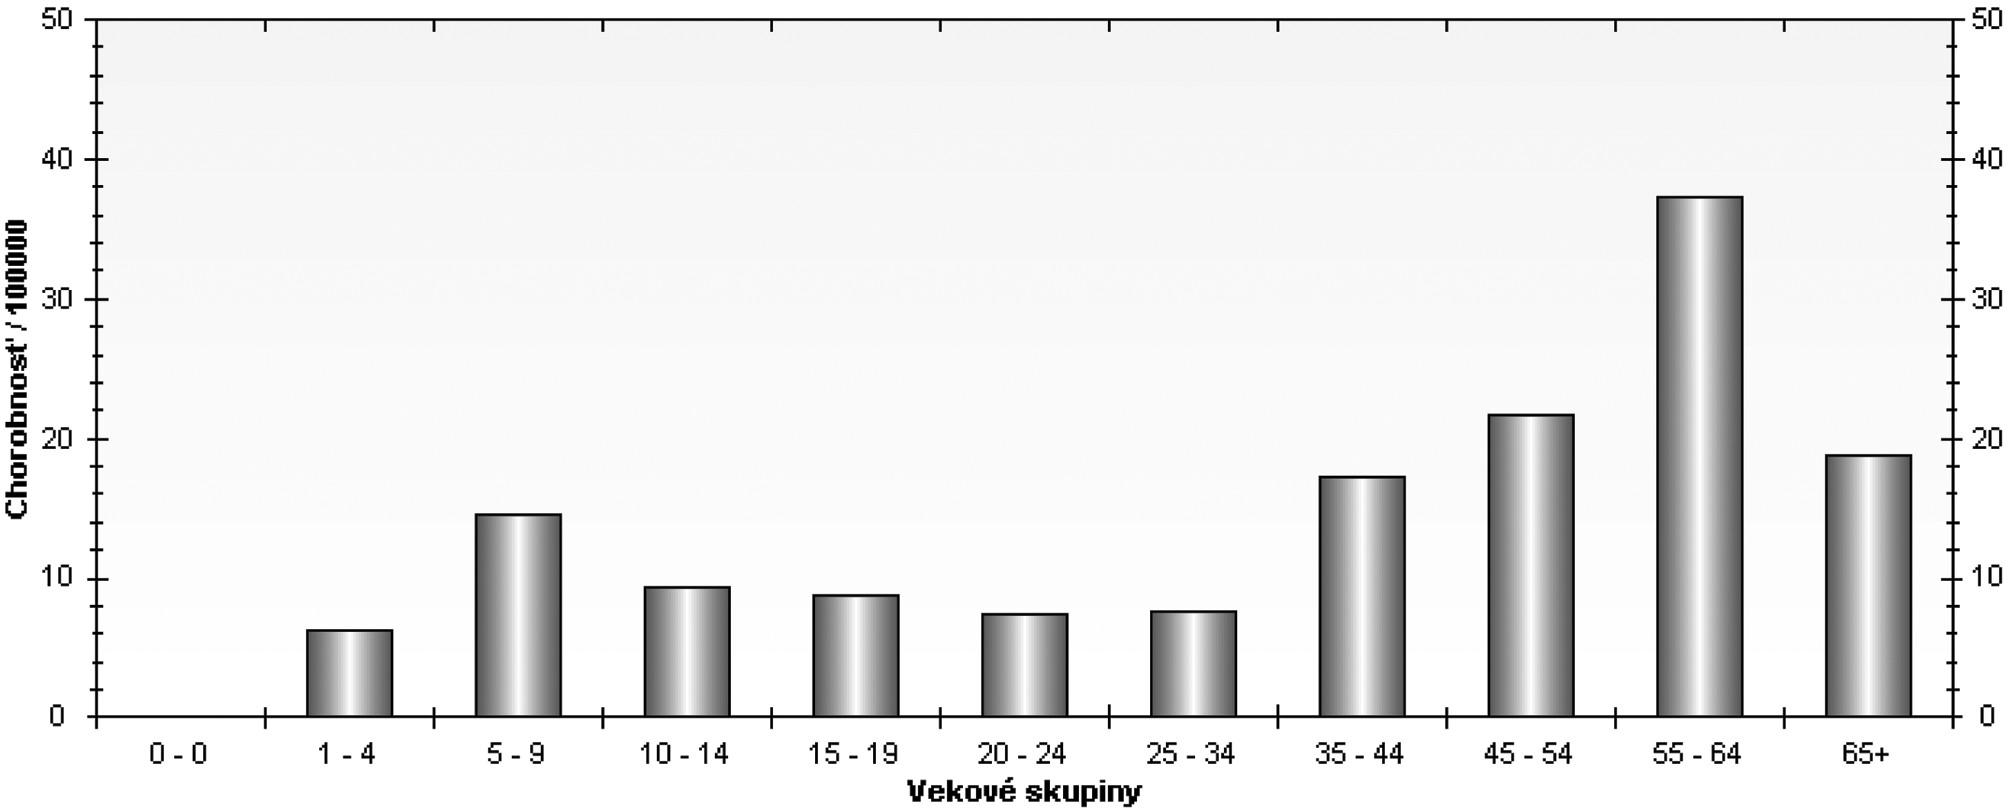 Špecifická chorobnosť vo vzťahu kveku (január až december 2007)